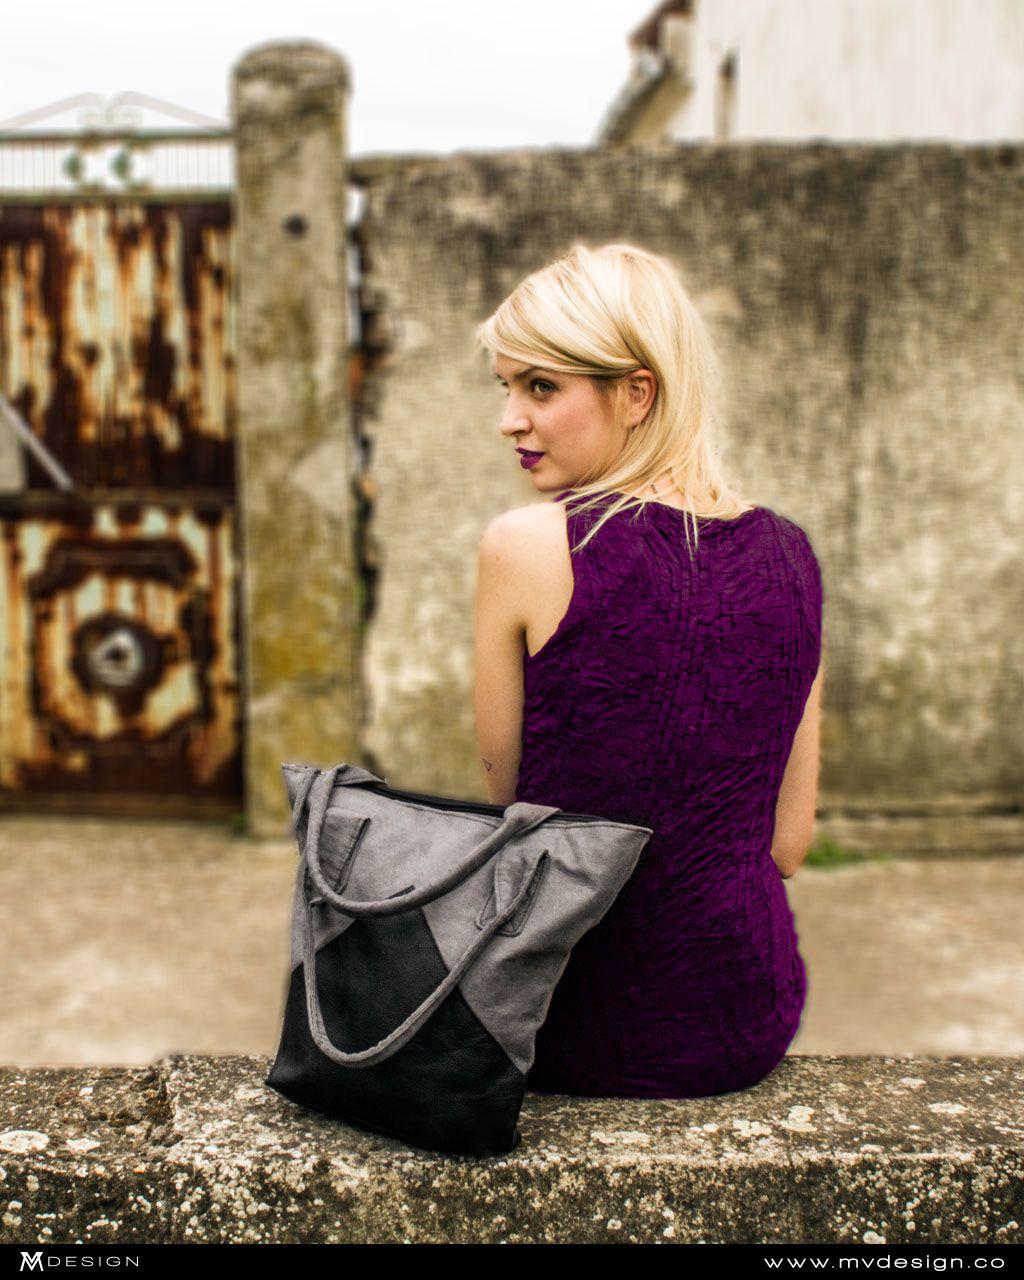 Models stylish facebook